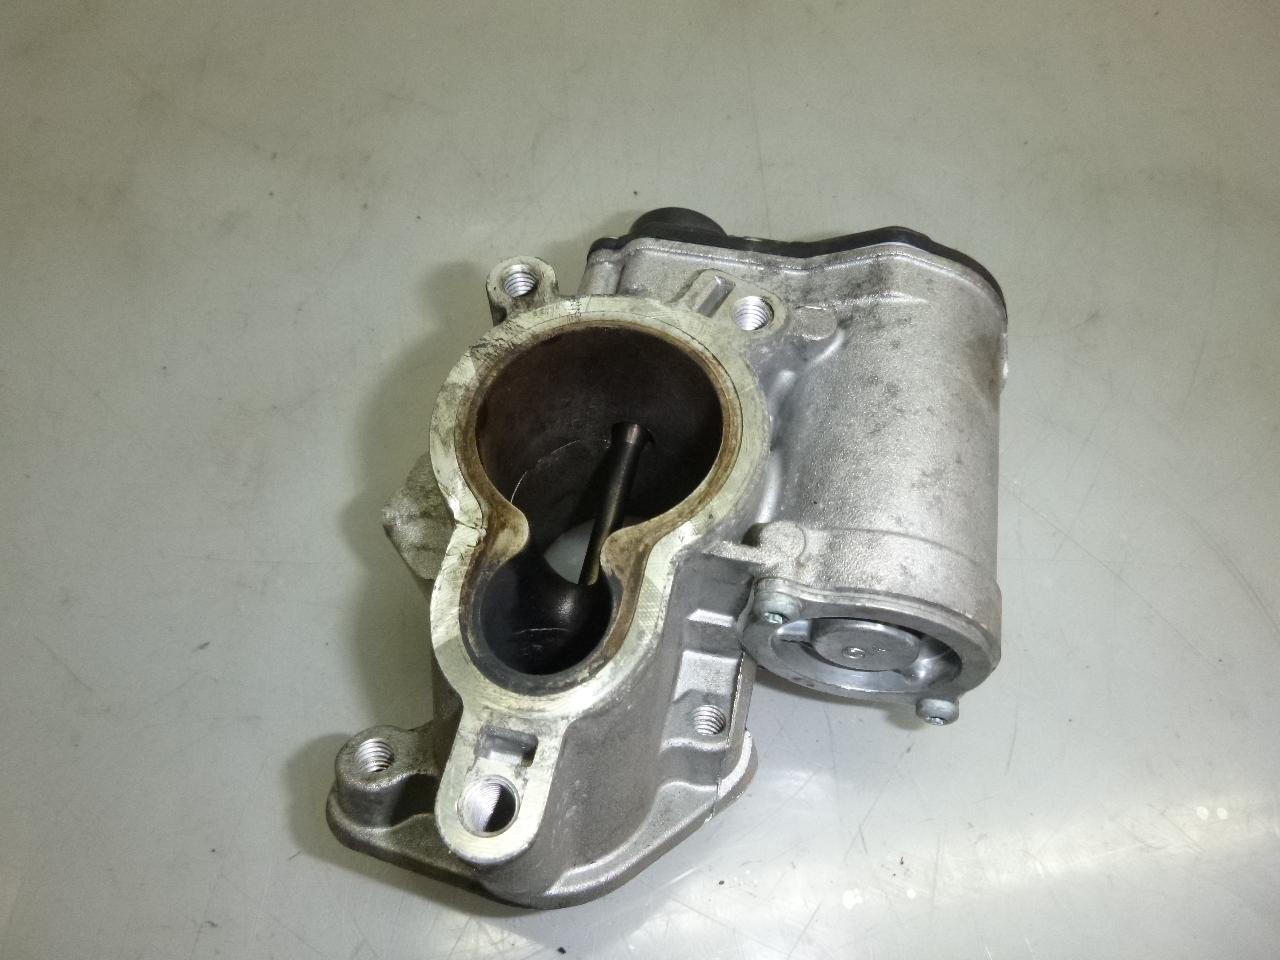 AGR Ventil für Nissan Opel Trafic JL FL EL 2,0 CDTI M9R780 M9R 8200327011 DE275657